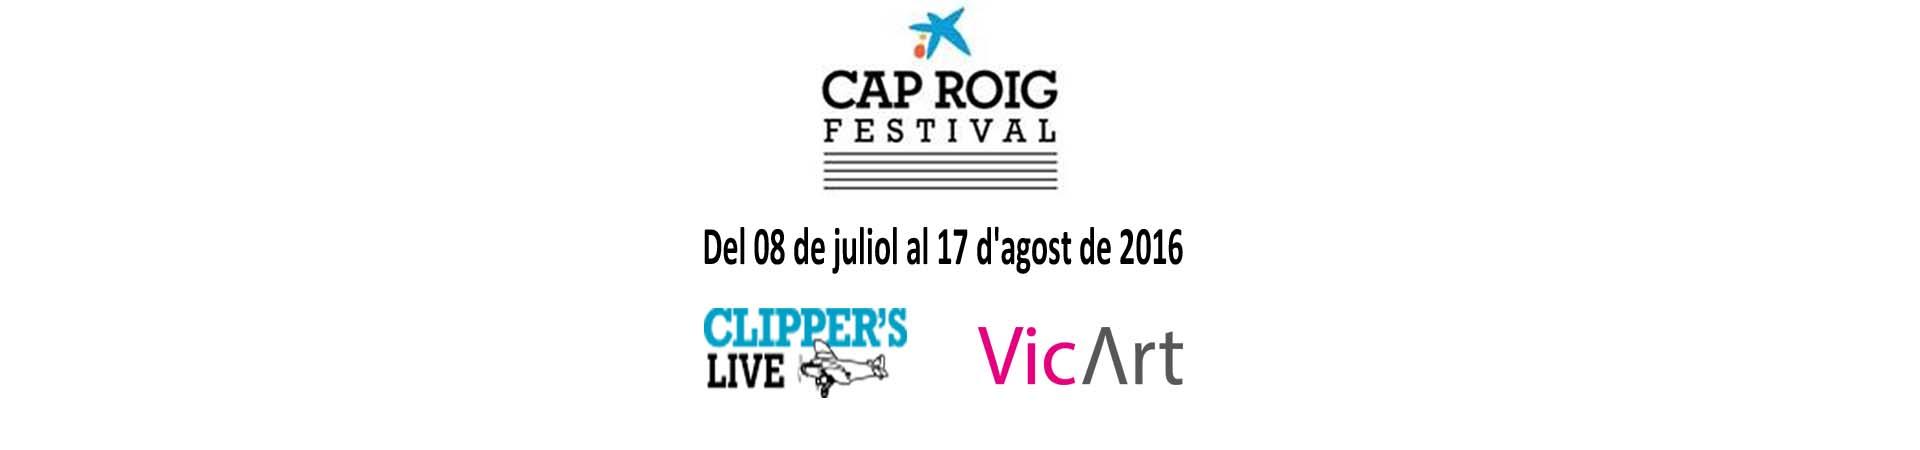 Slide Cap Roig 2016